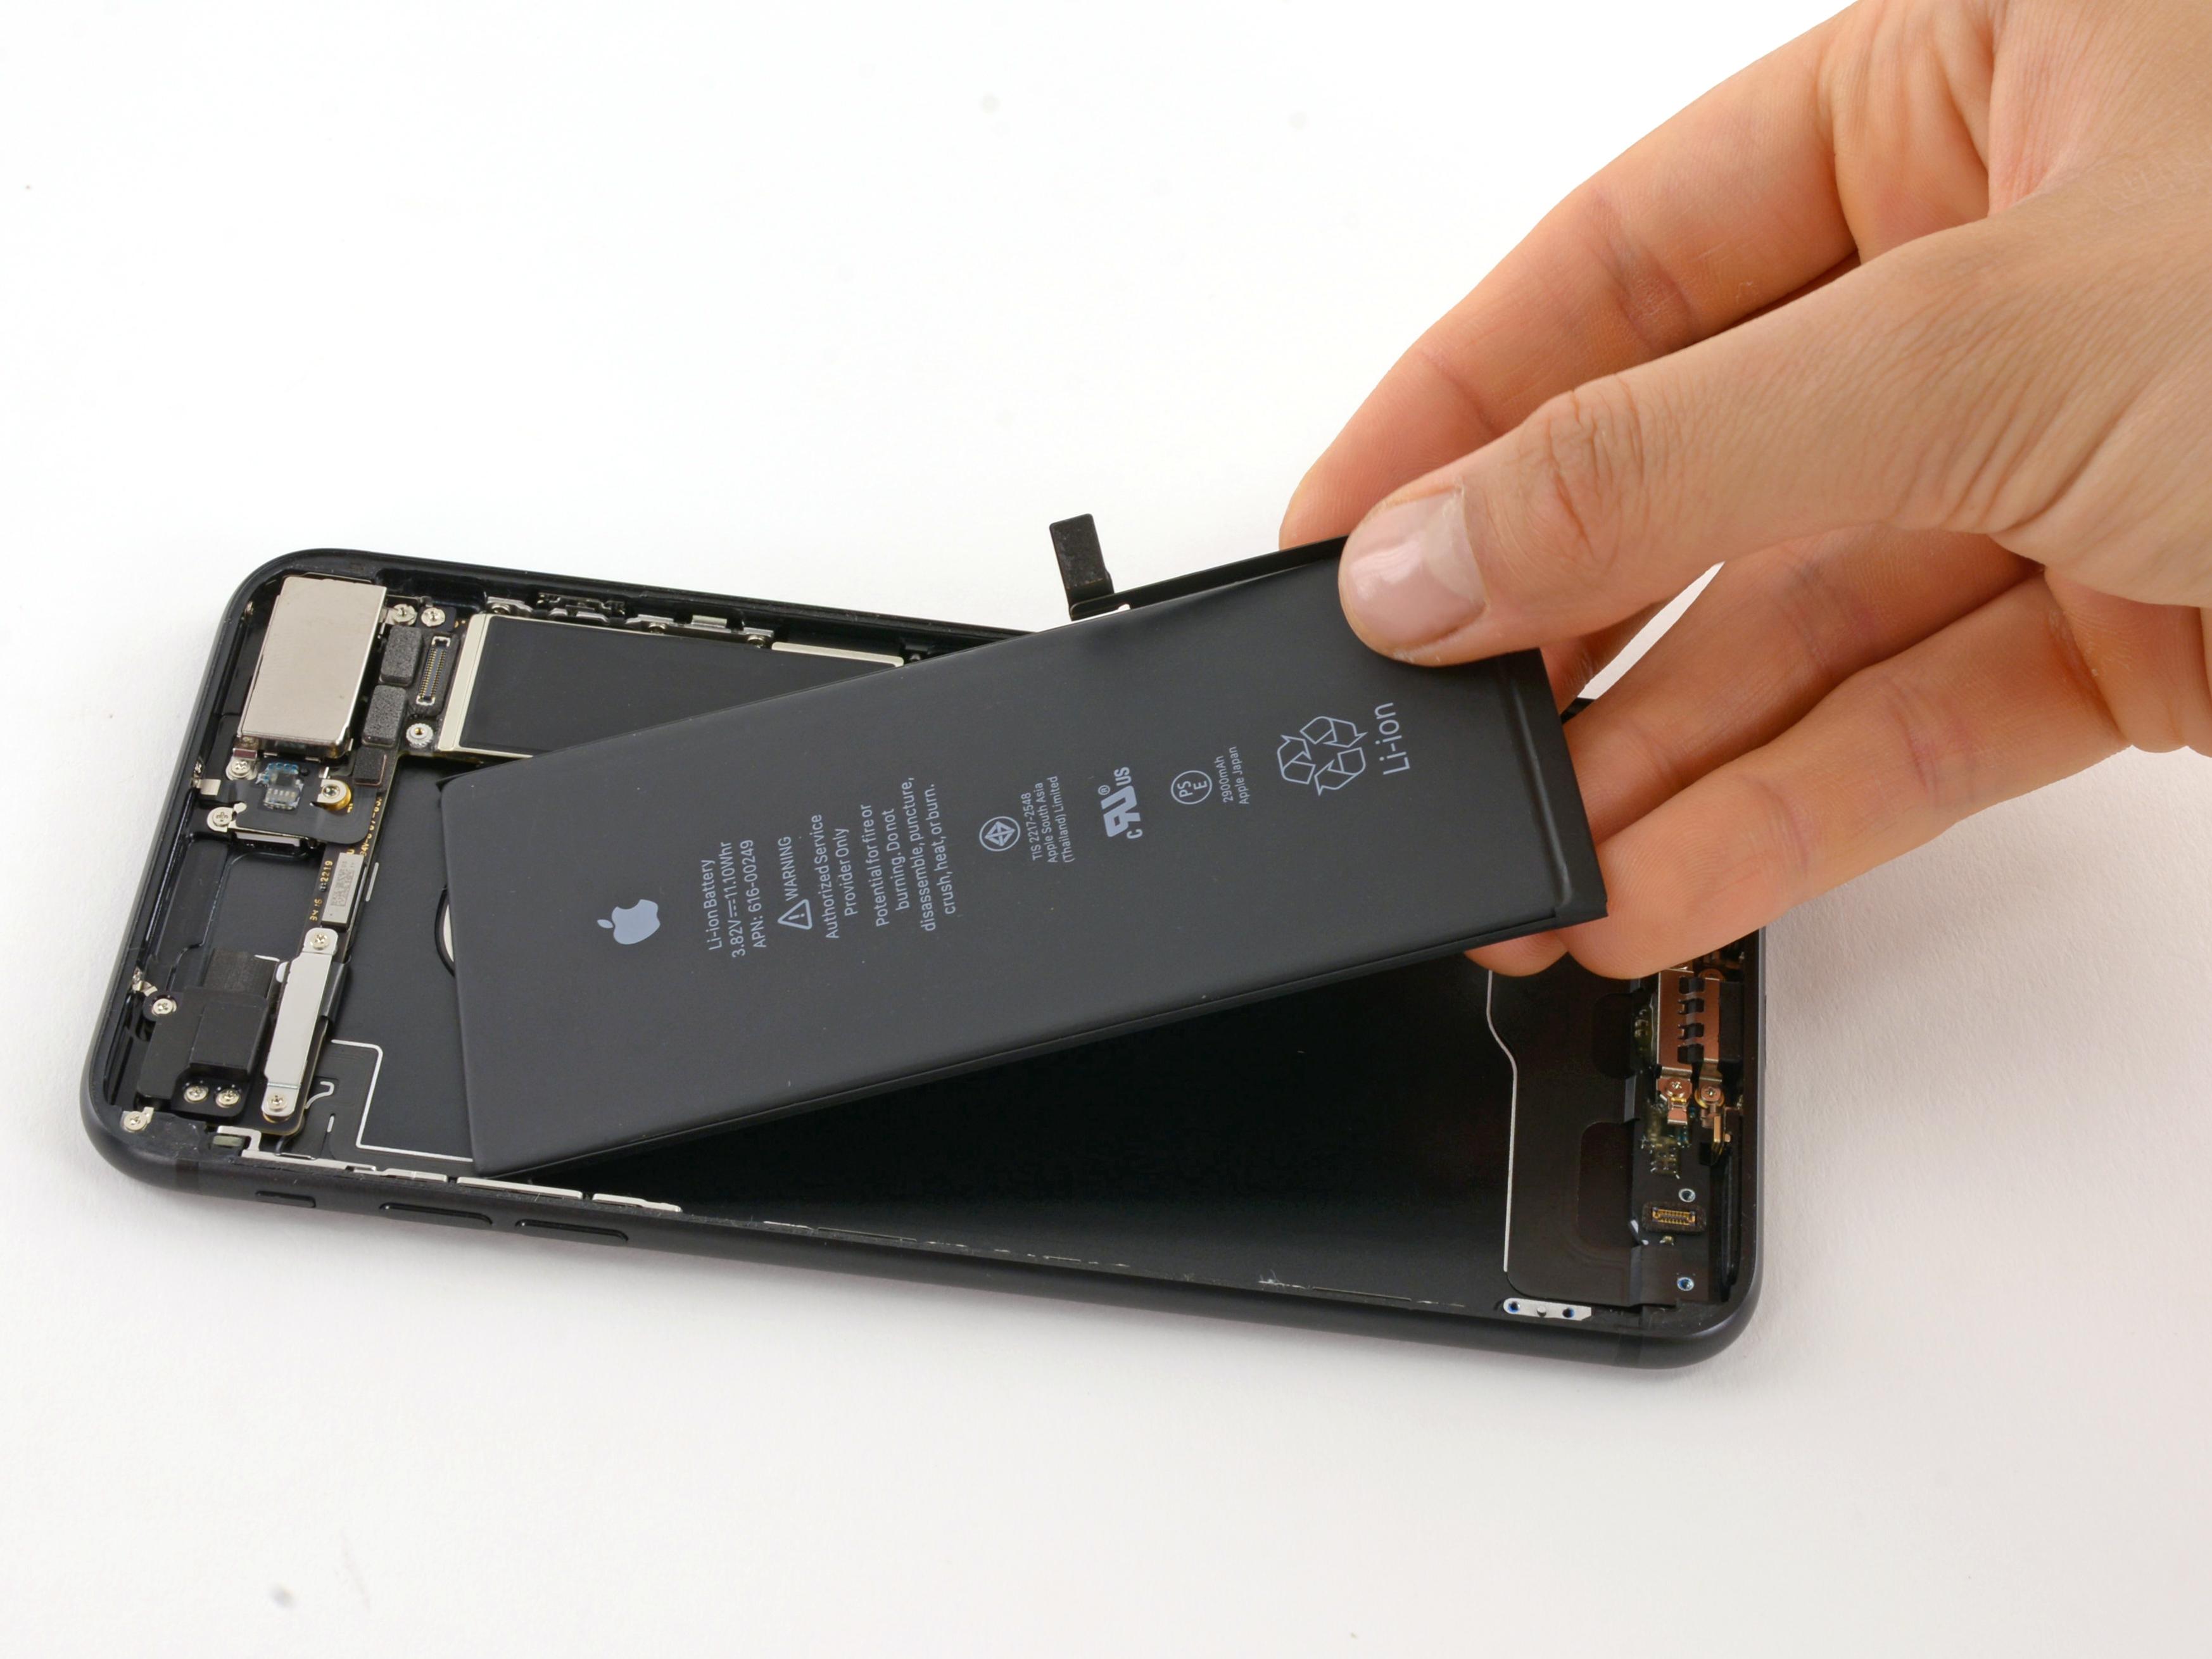 sale retailer dc0fa 0fb95 iPhone 7 Plus Repair - iFixit